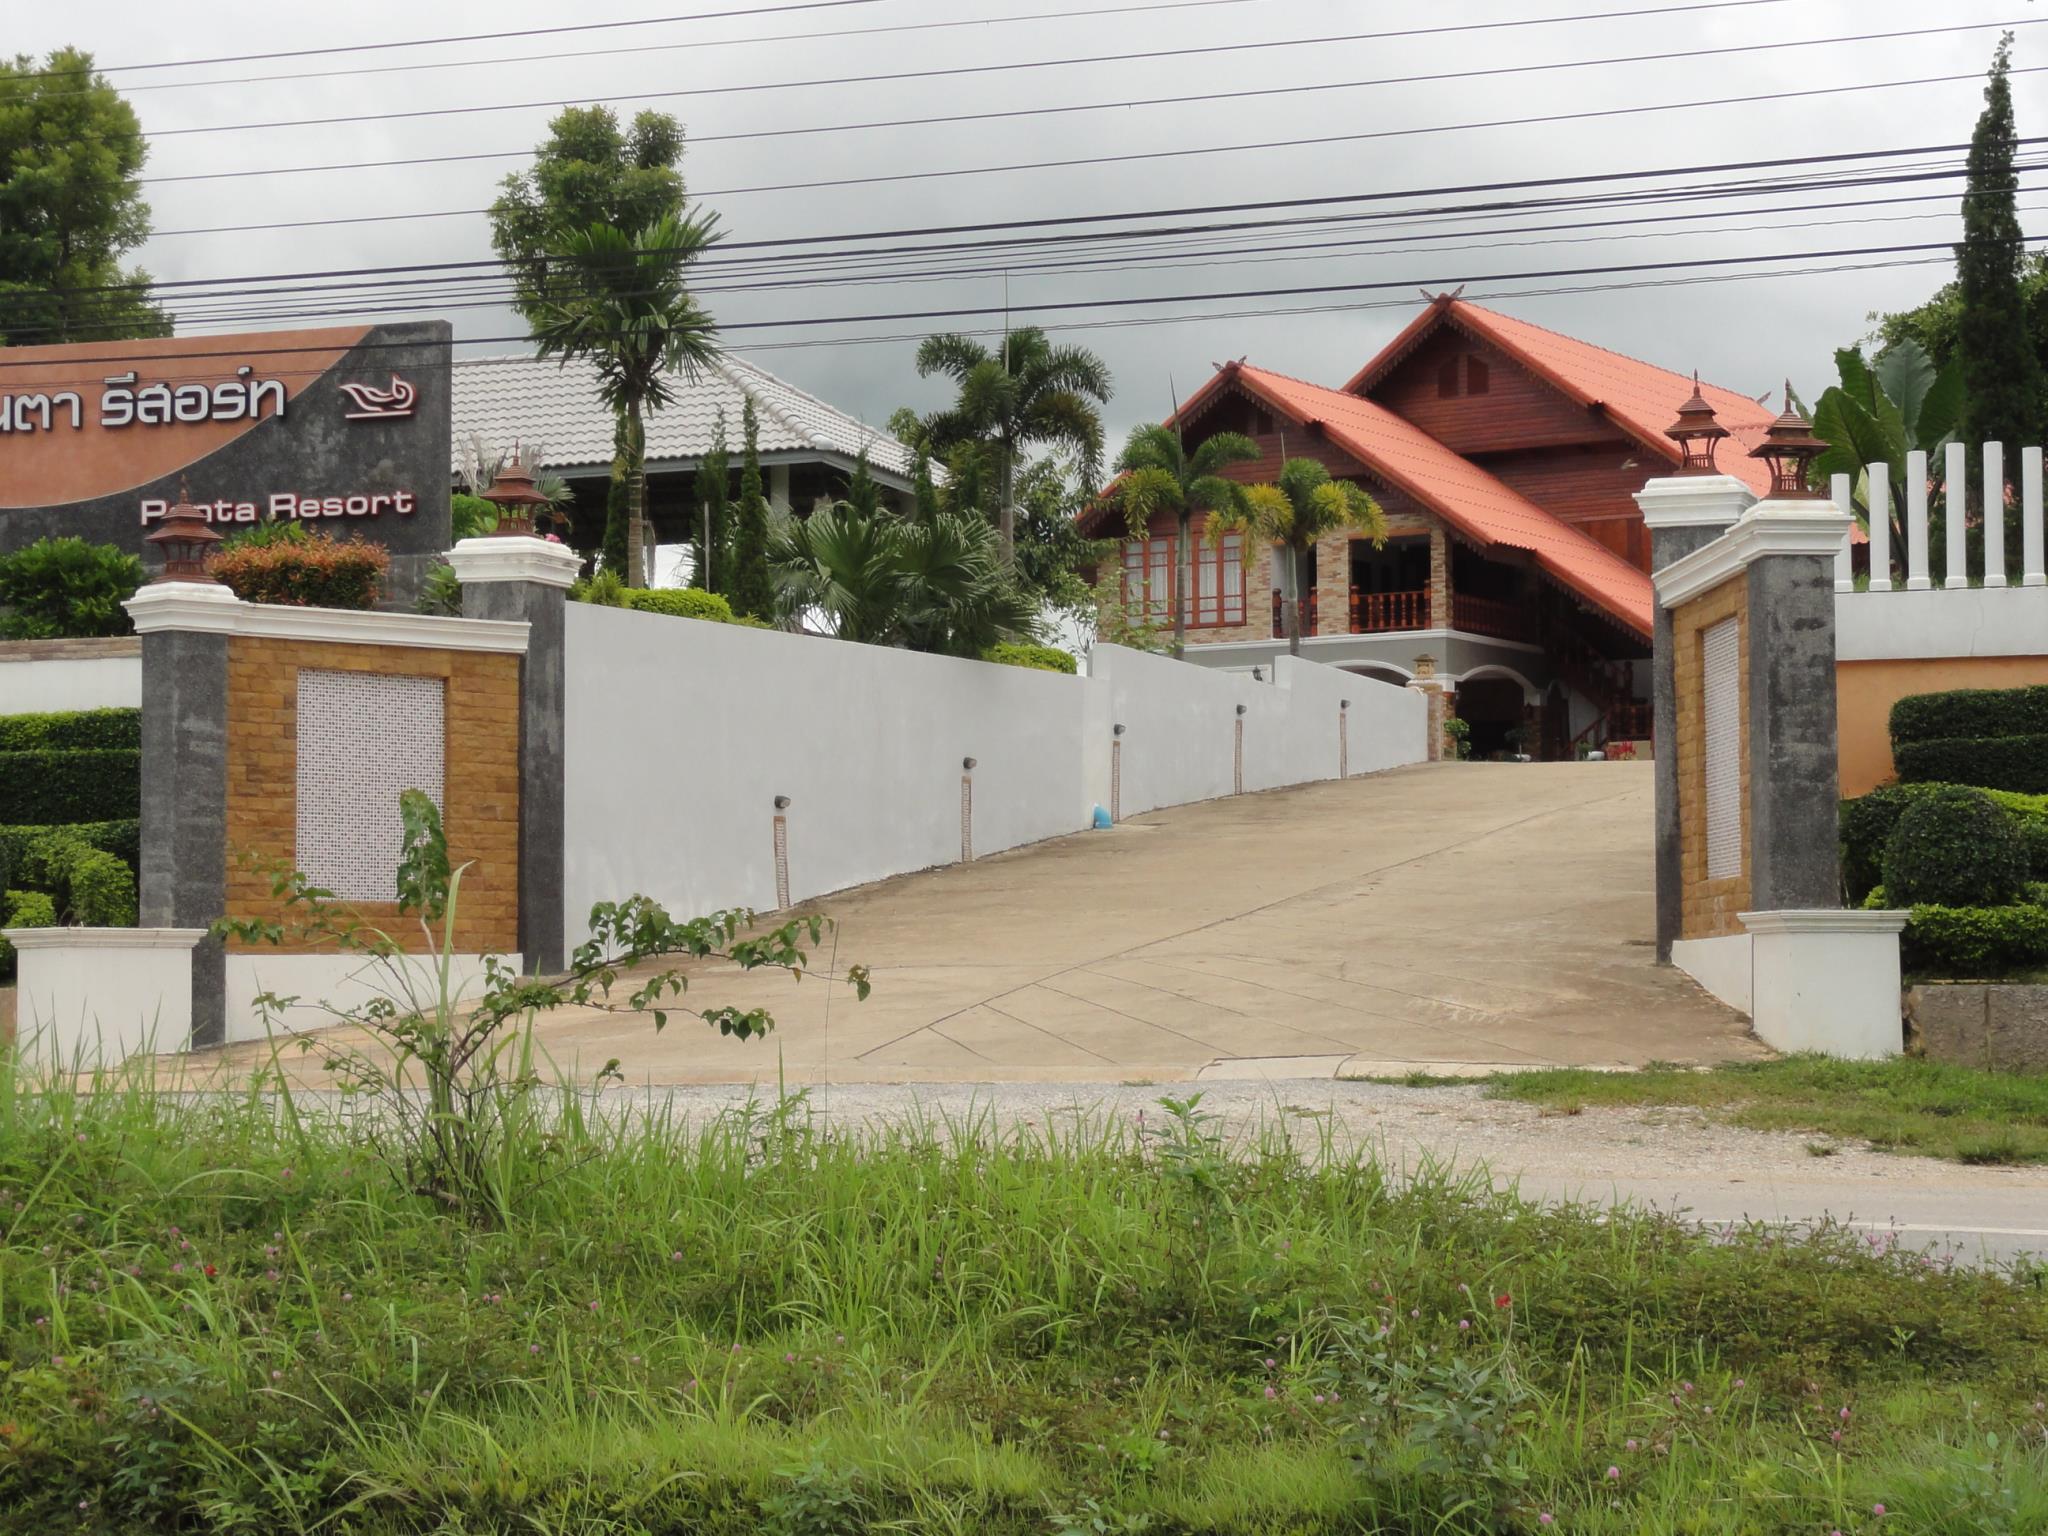 Panta Resort